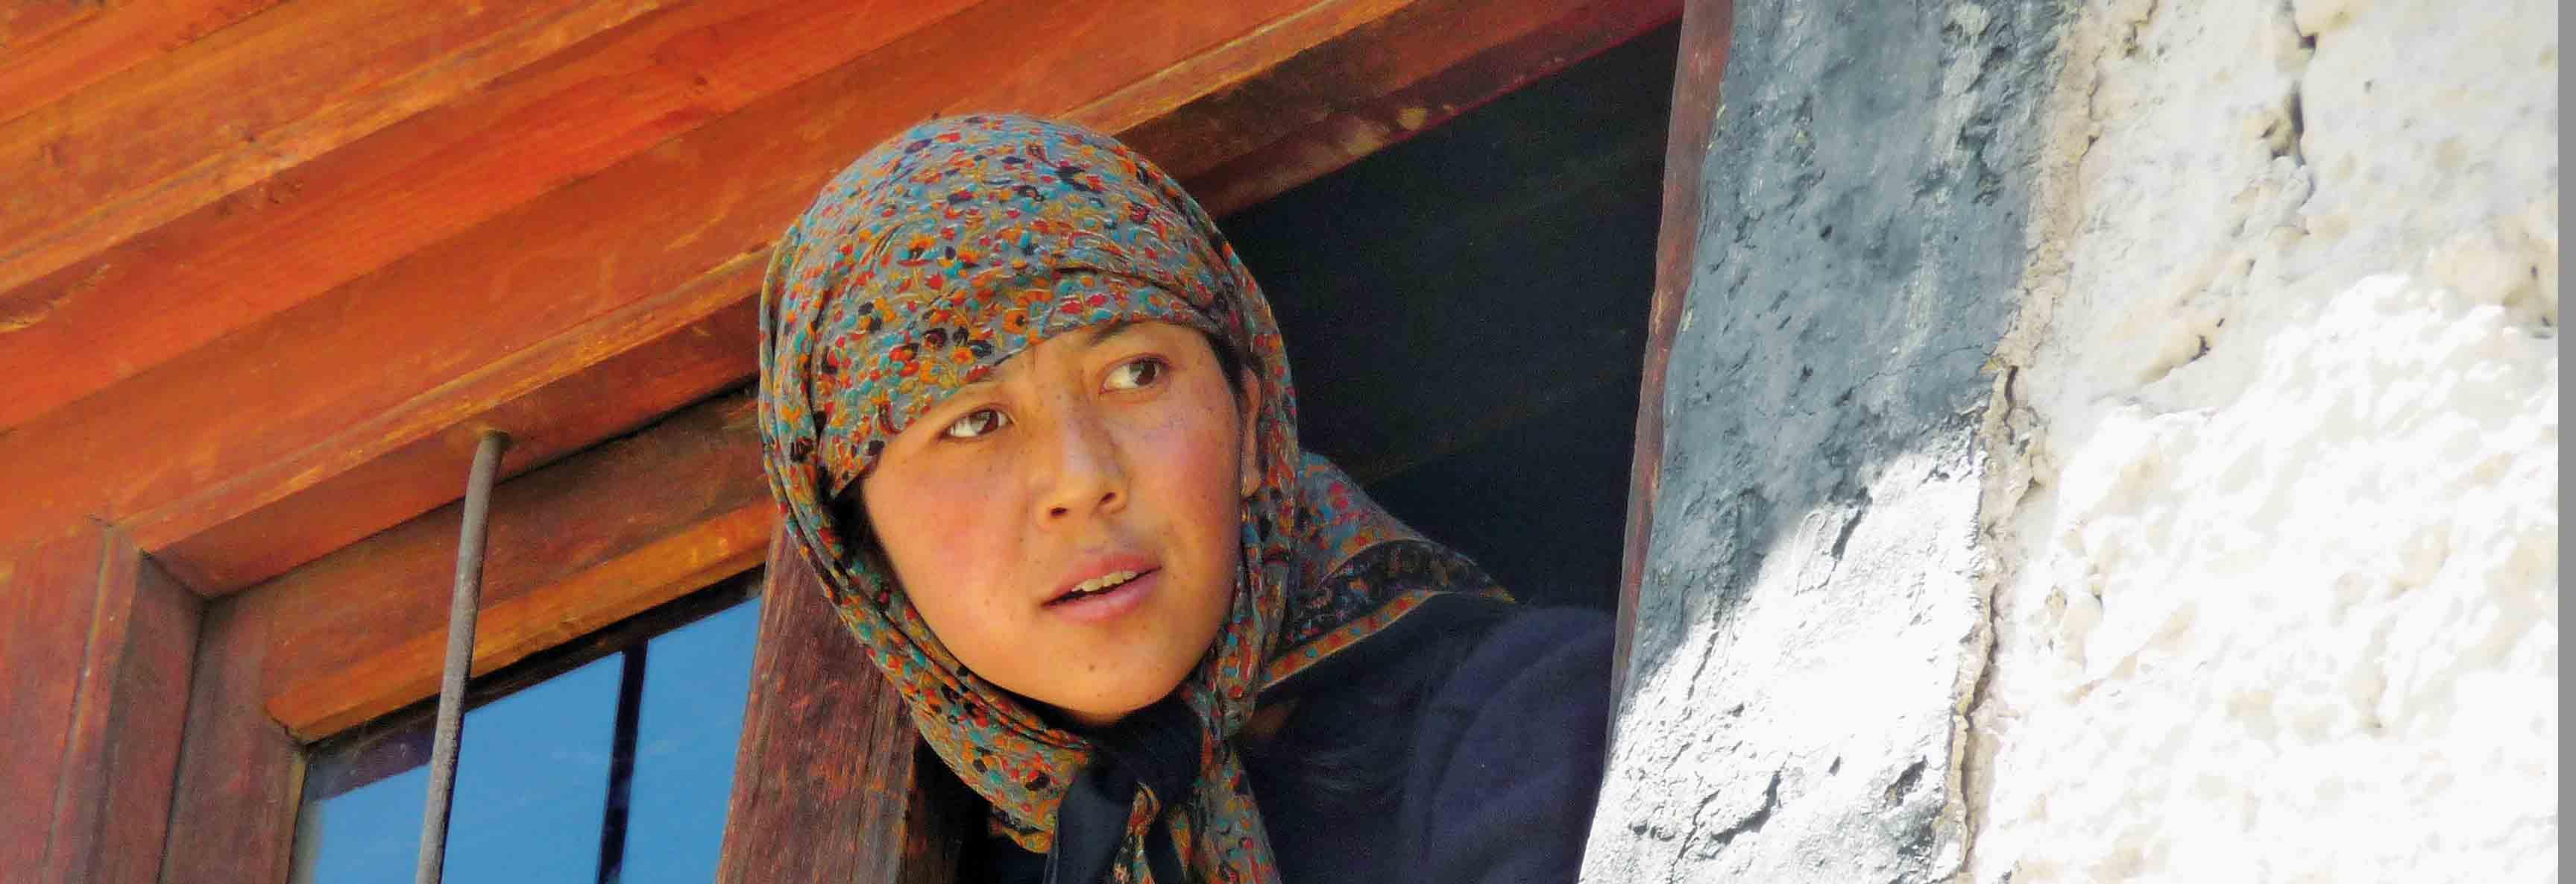 Ladakh Overlandtour - Begegnung unterwegs, Indien